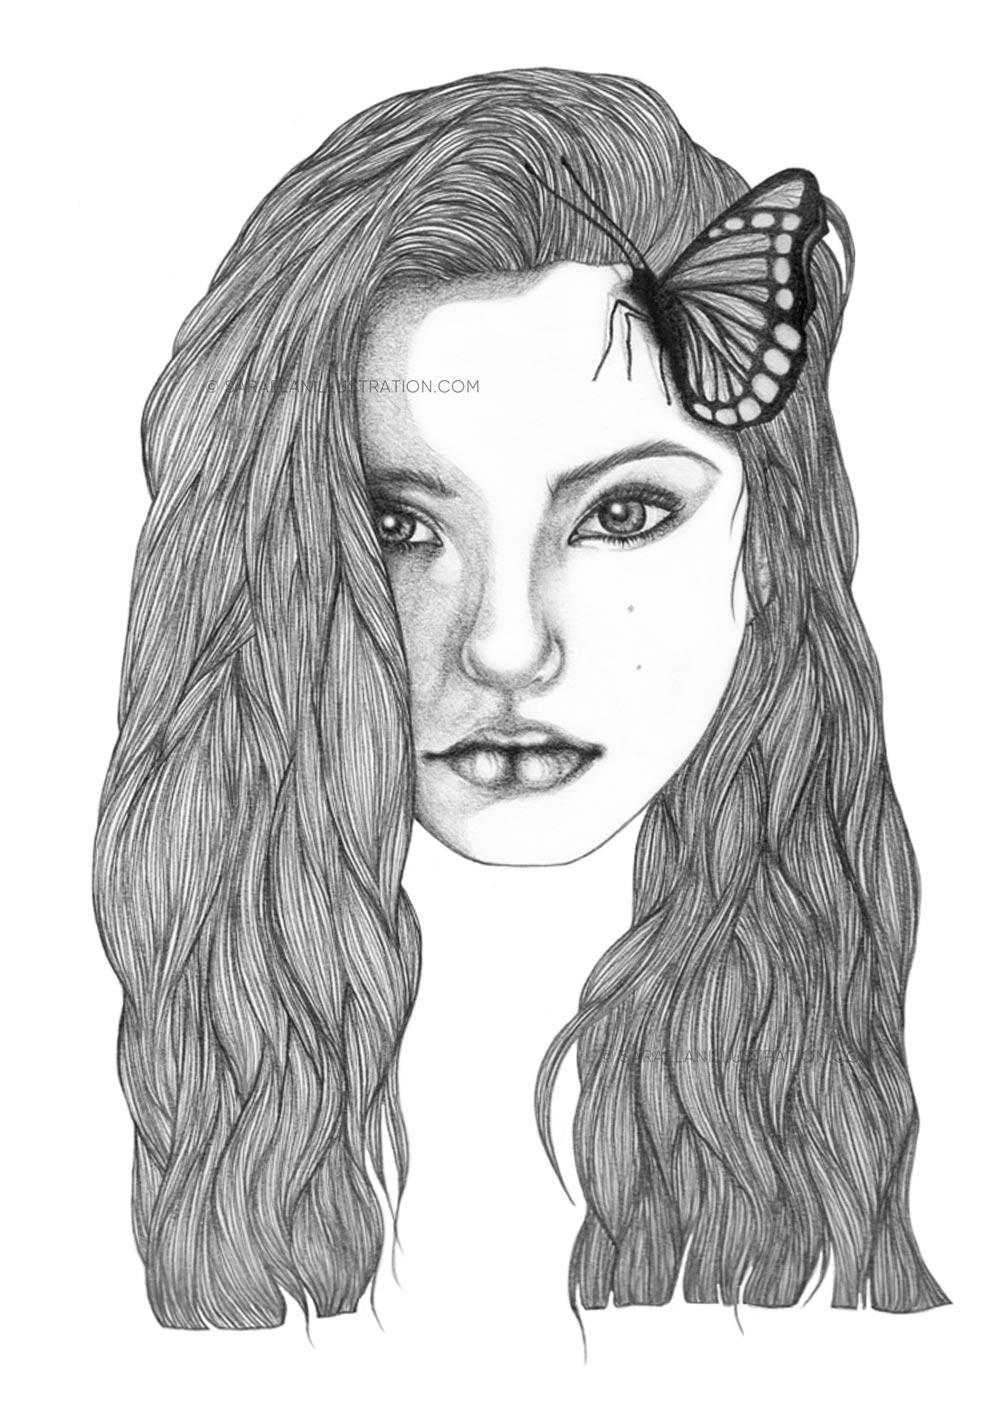 Josephine disegno vecchio a matita